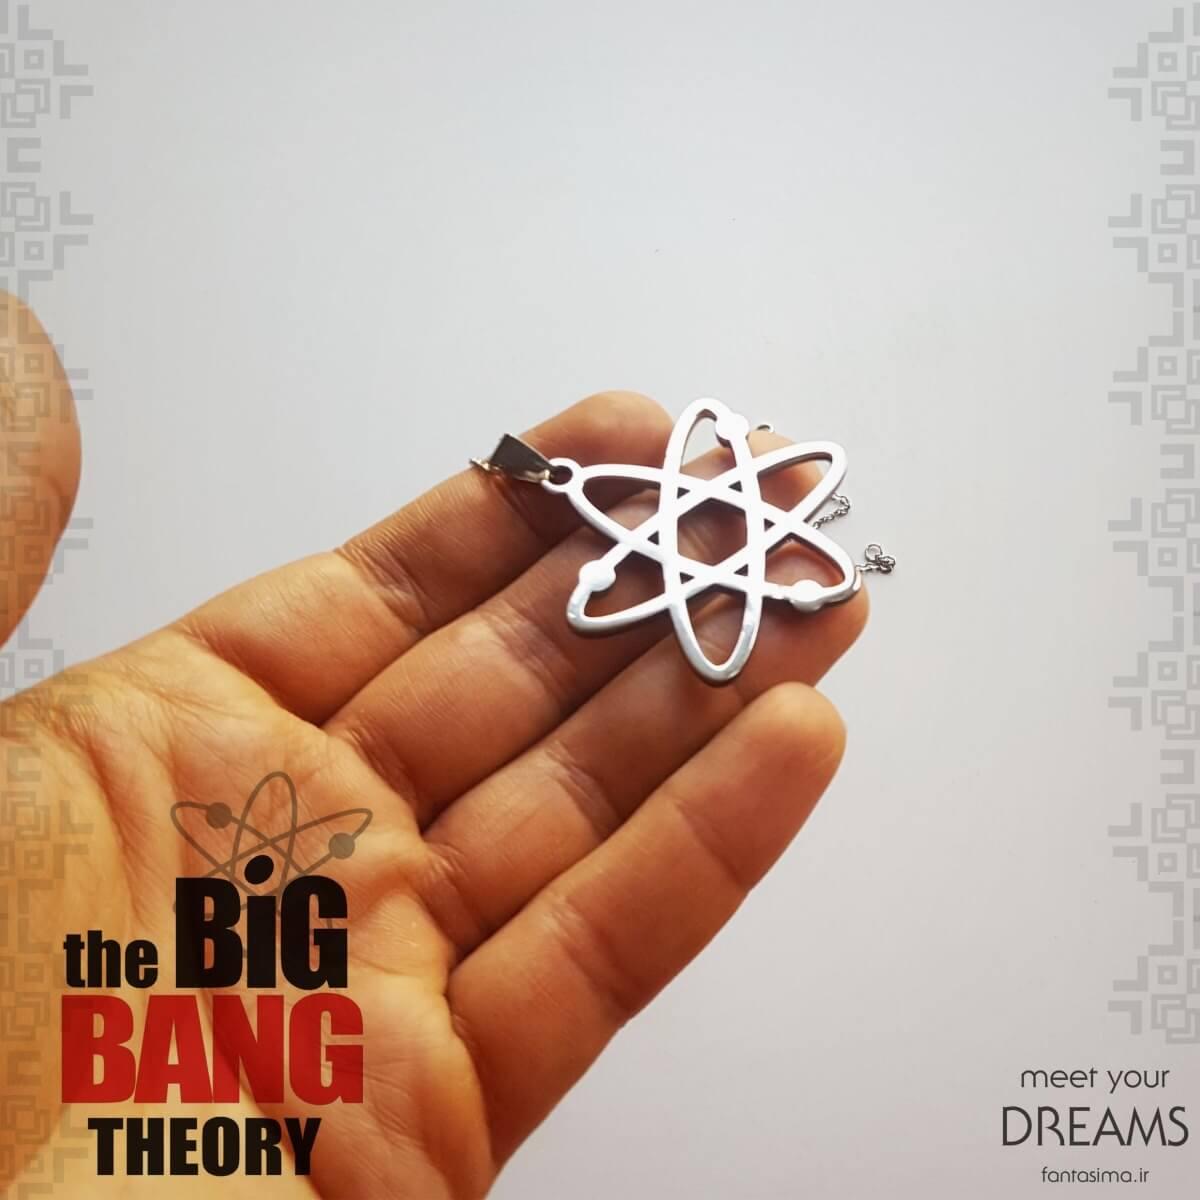 گردنبند استیل نماد بیگ بنگ تئوری